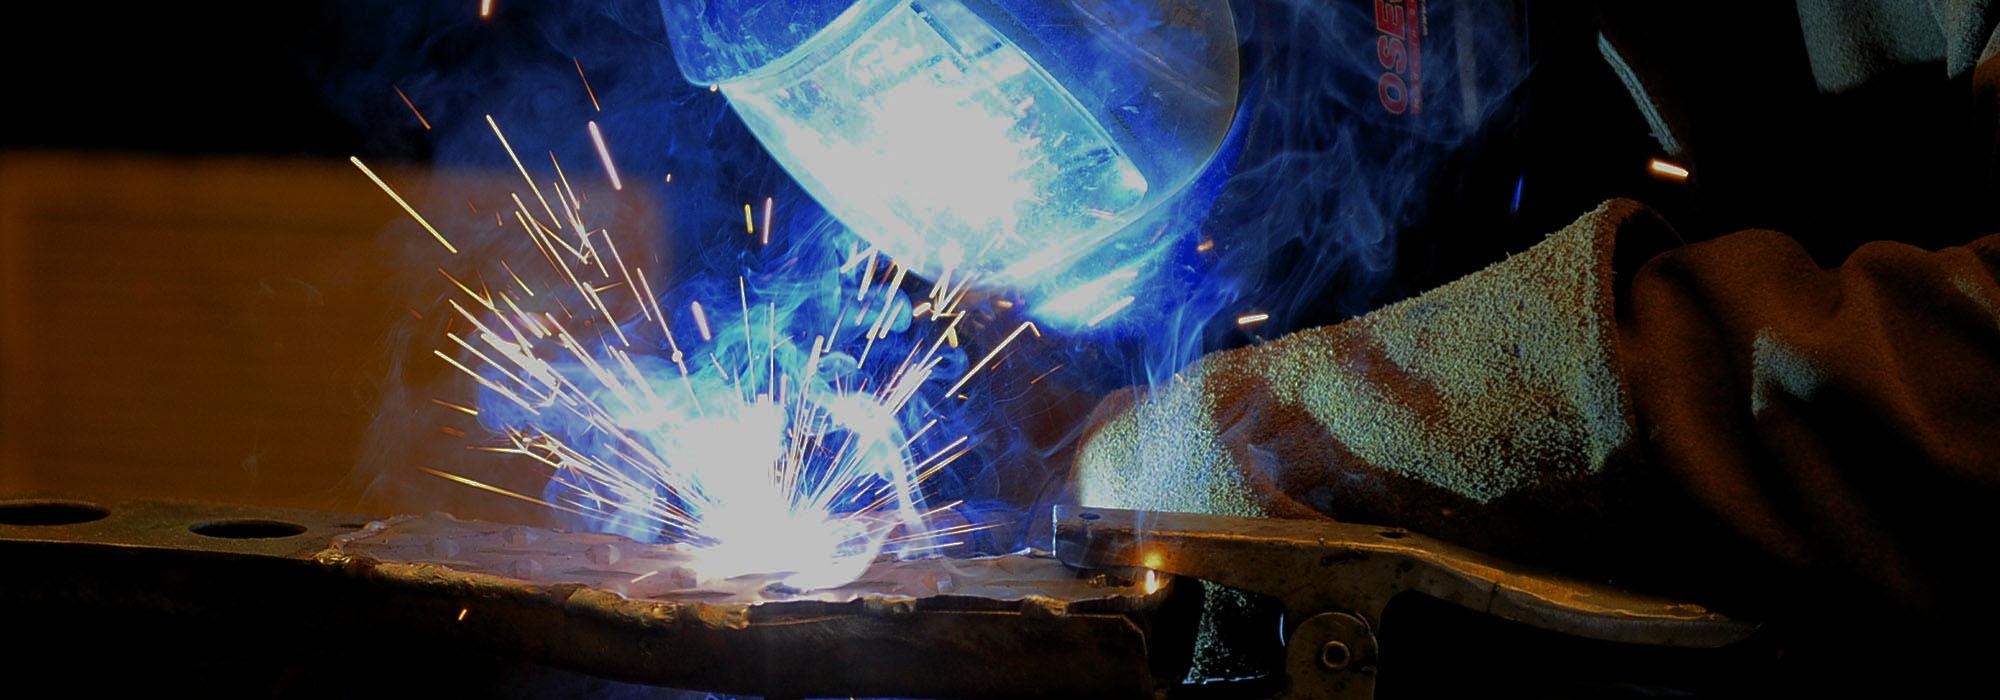 Сварочные работы и монтаж металлоконструкций в Нижнем Новгороде